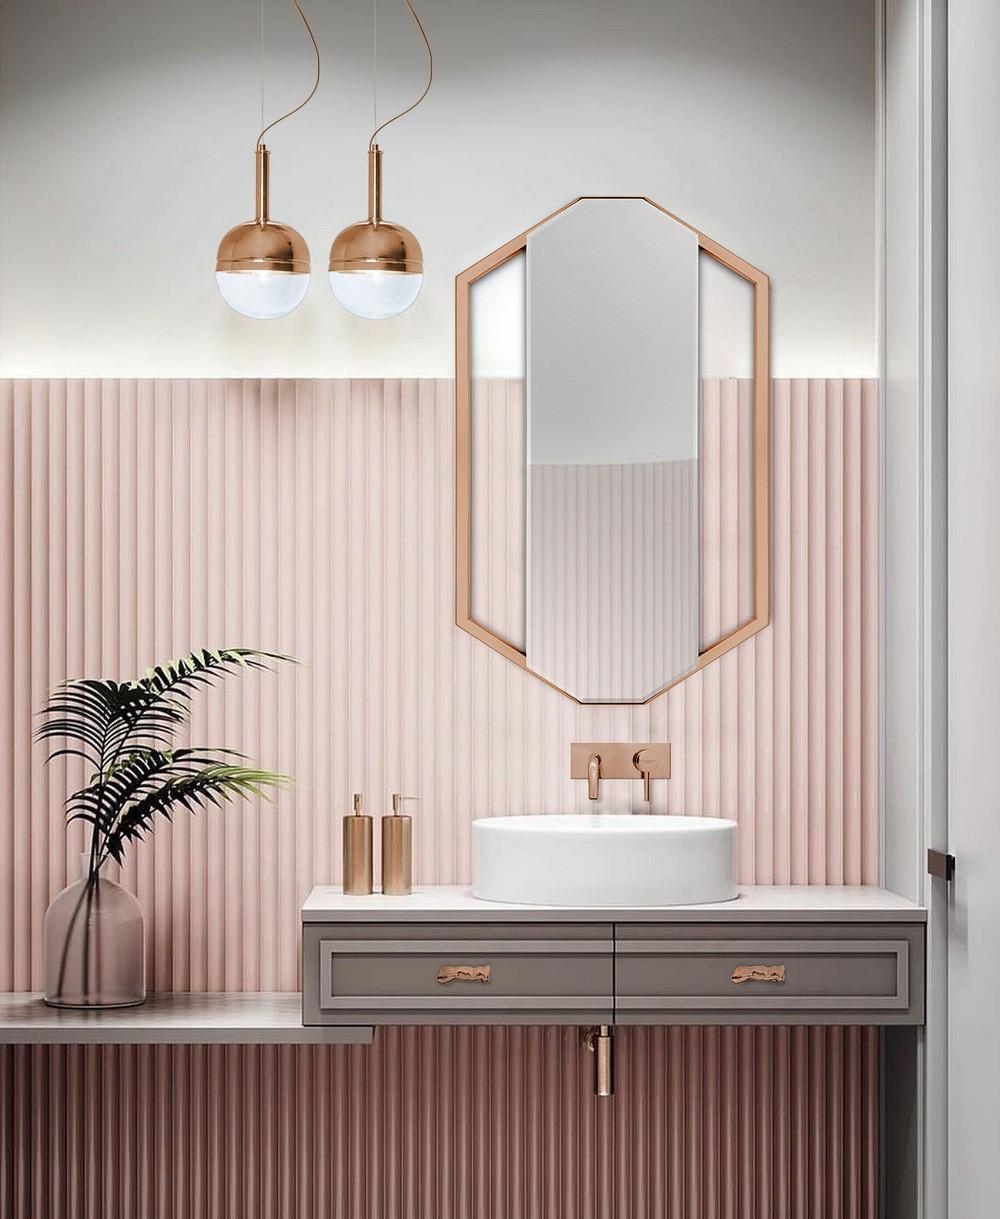 Prepare for the Ascension of the Copper Trend in Interior Design 1 interior design Prepare for the Ascension of the Copper Trend in Interior Design Prepare for the Ascension of the Copper Trend in Interior Design 1